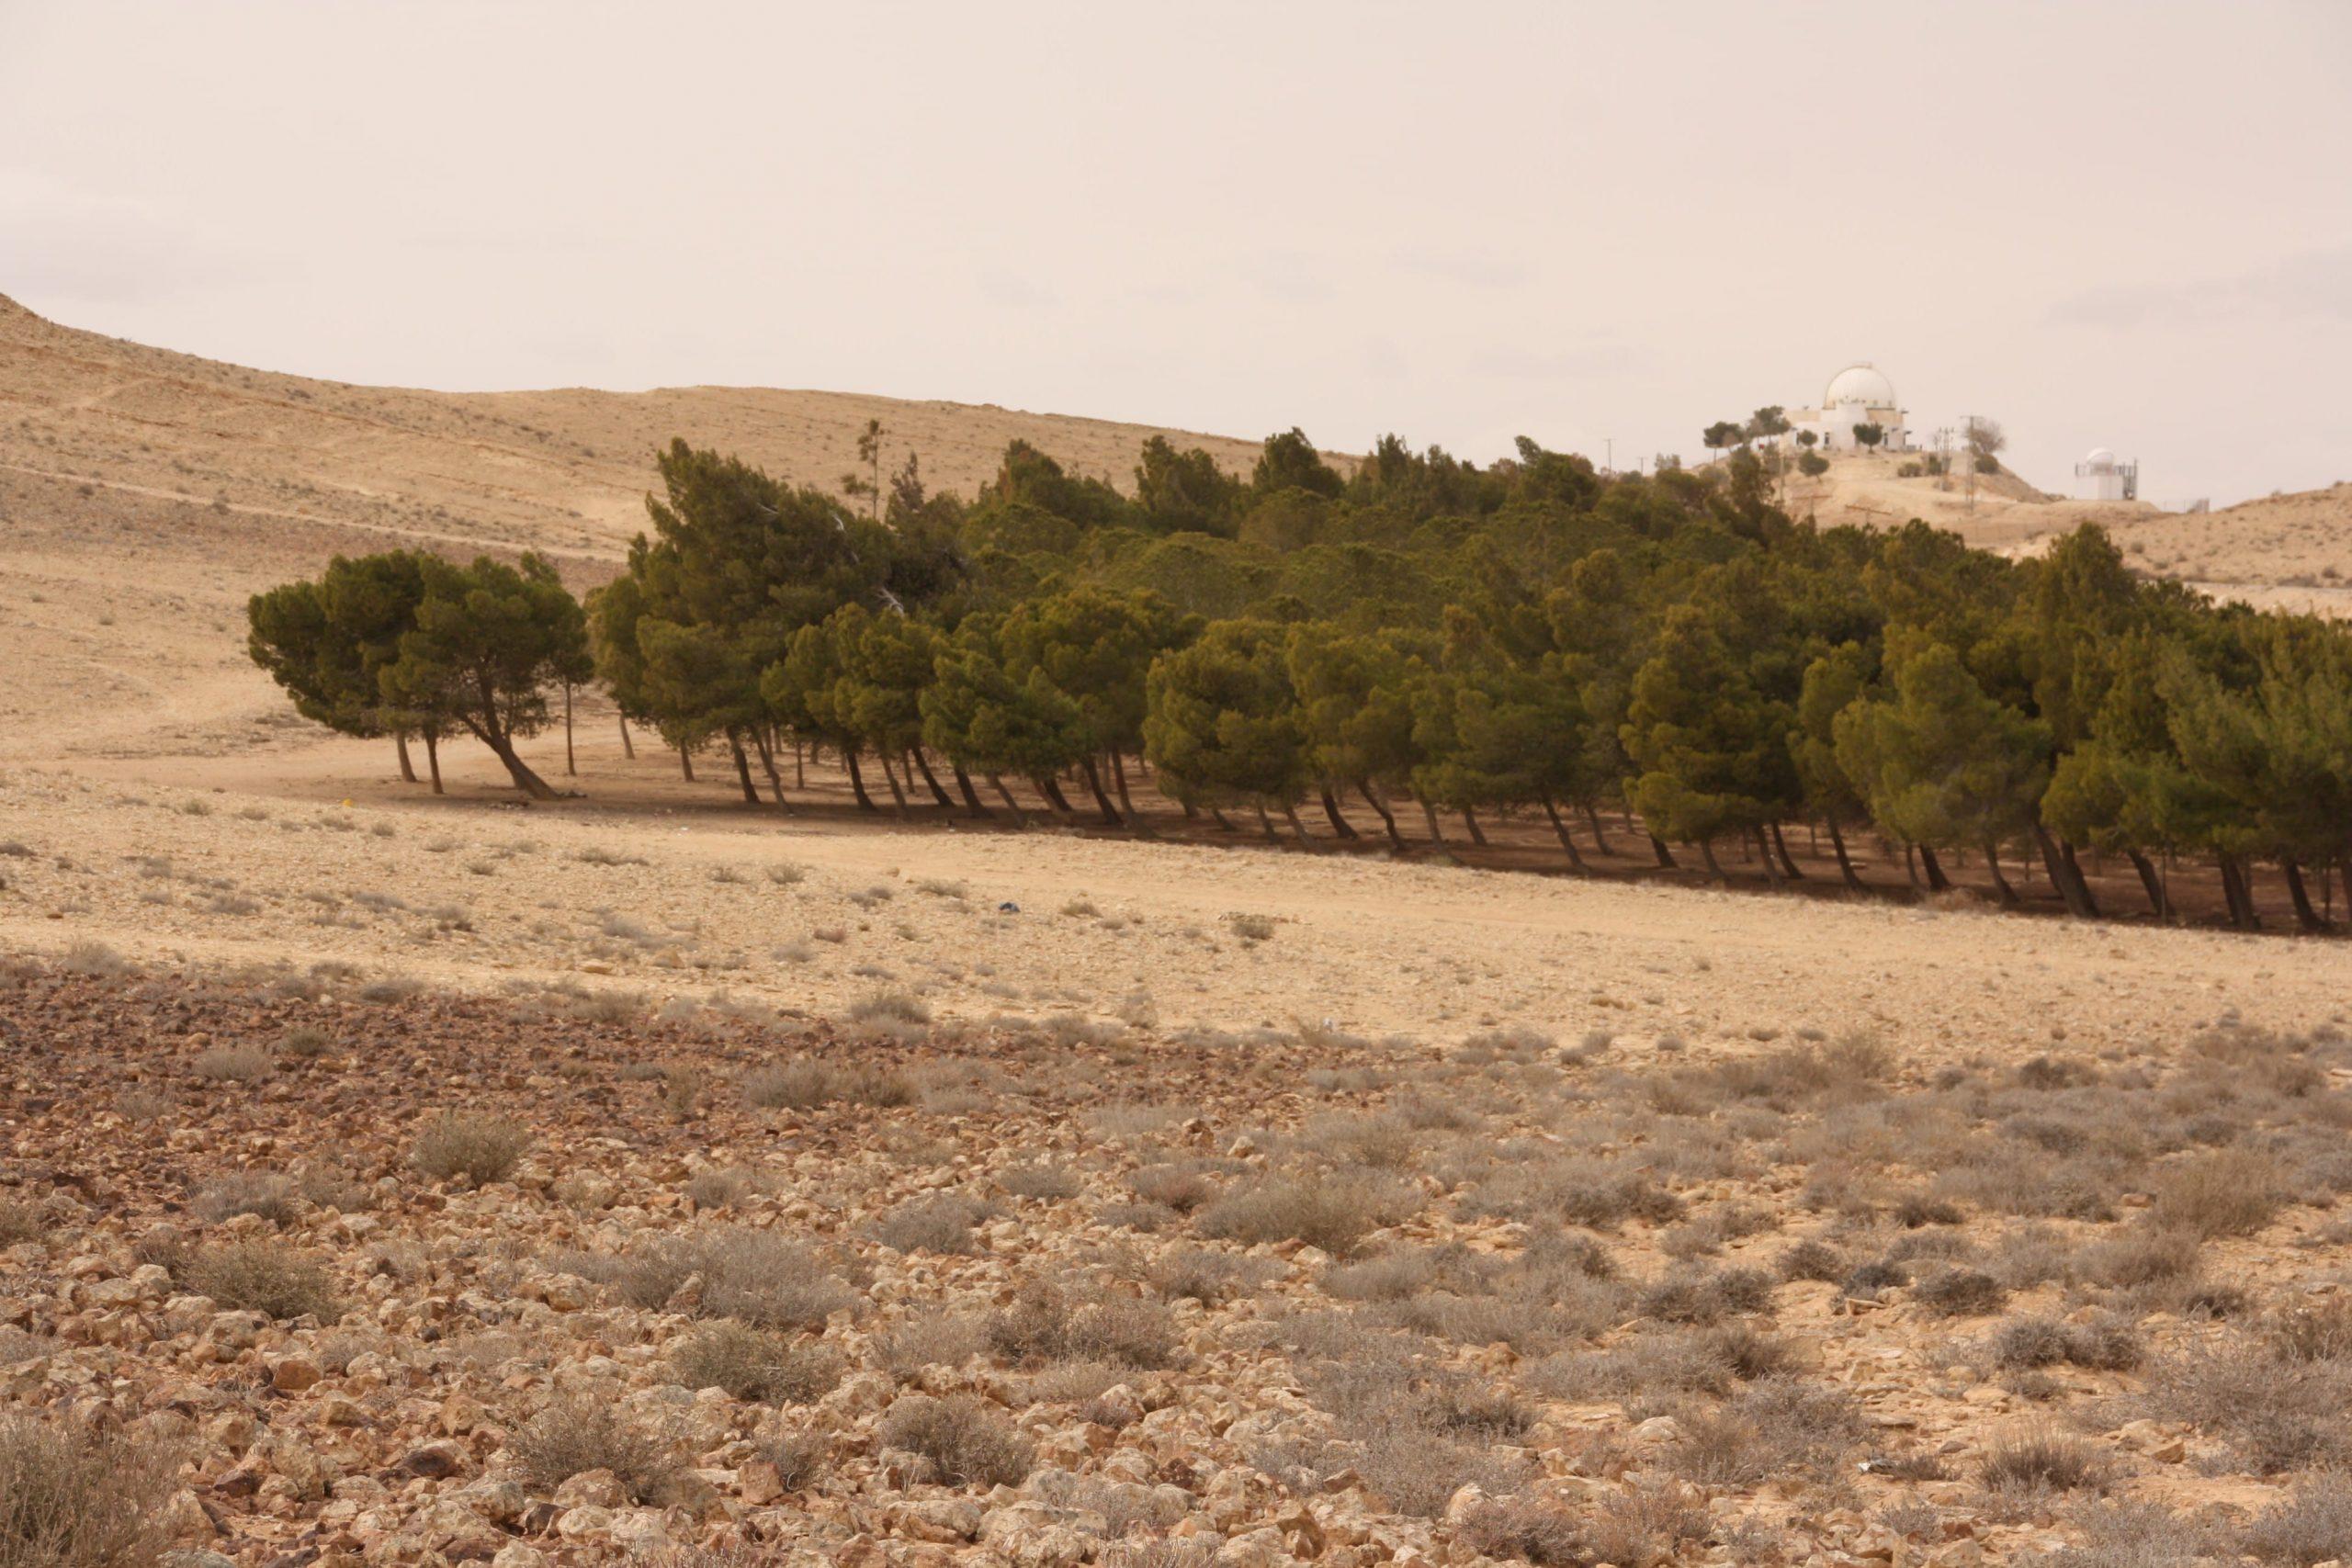 יער בכיוון הרוח על שפת המכתש מצפון